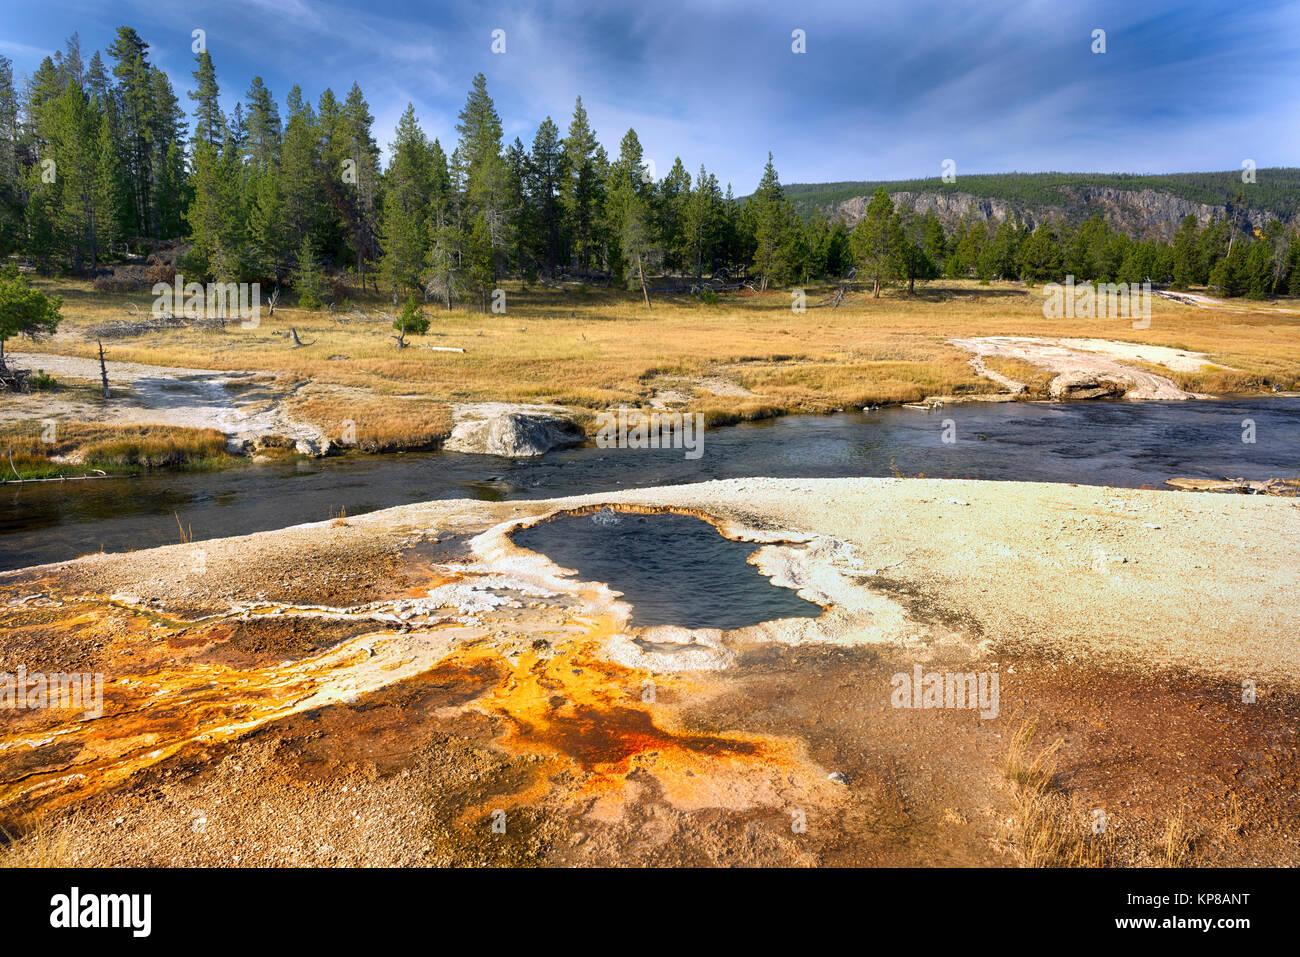 Rivière Firehole, Yellowstone National Park, Wyoming, USA. La Firehole River coule à travers plusieurs bassins geyser dans le parc d'inclure la Banque D'Images